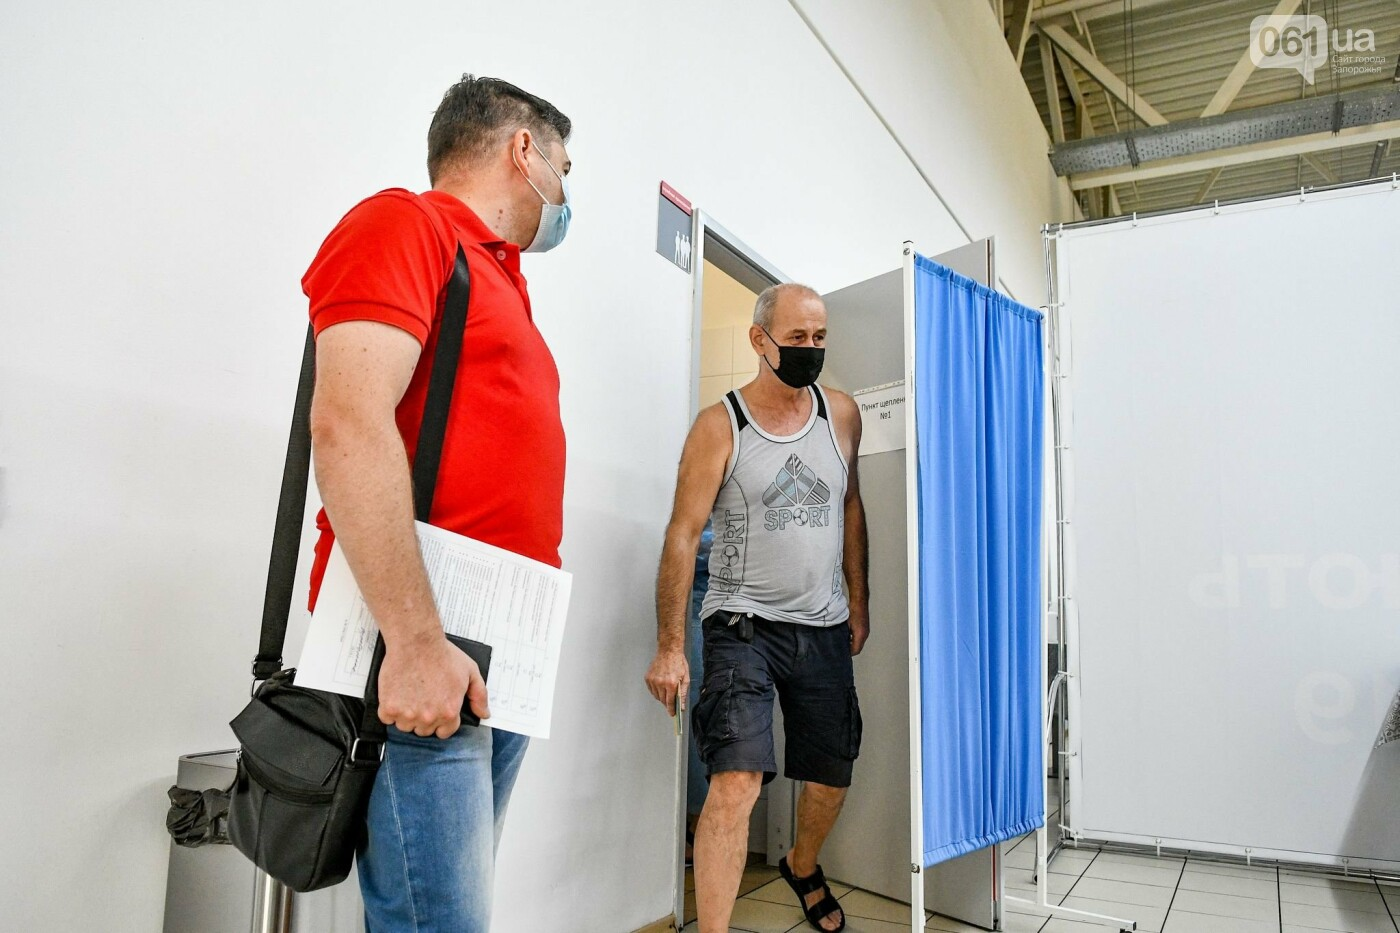 """В Запорожье в """"CITY MALL"""" открылся центр вакцинации: прививают Pfizer, сотни людей стоят в очереди, - ФОТОРЕПОРТАЖ , фото-10"""